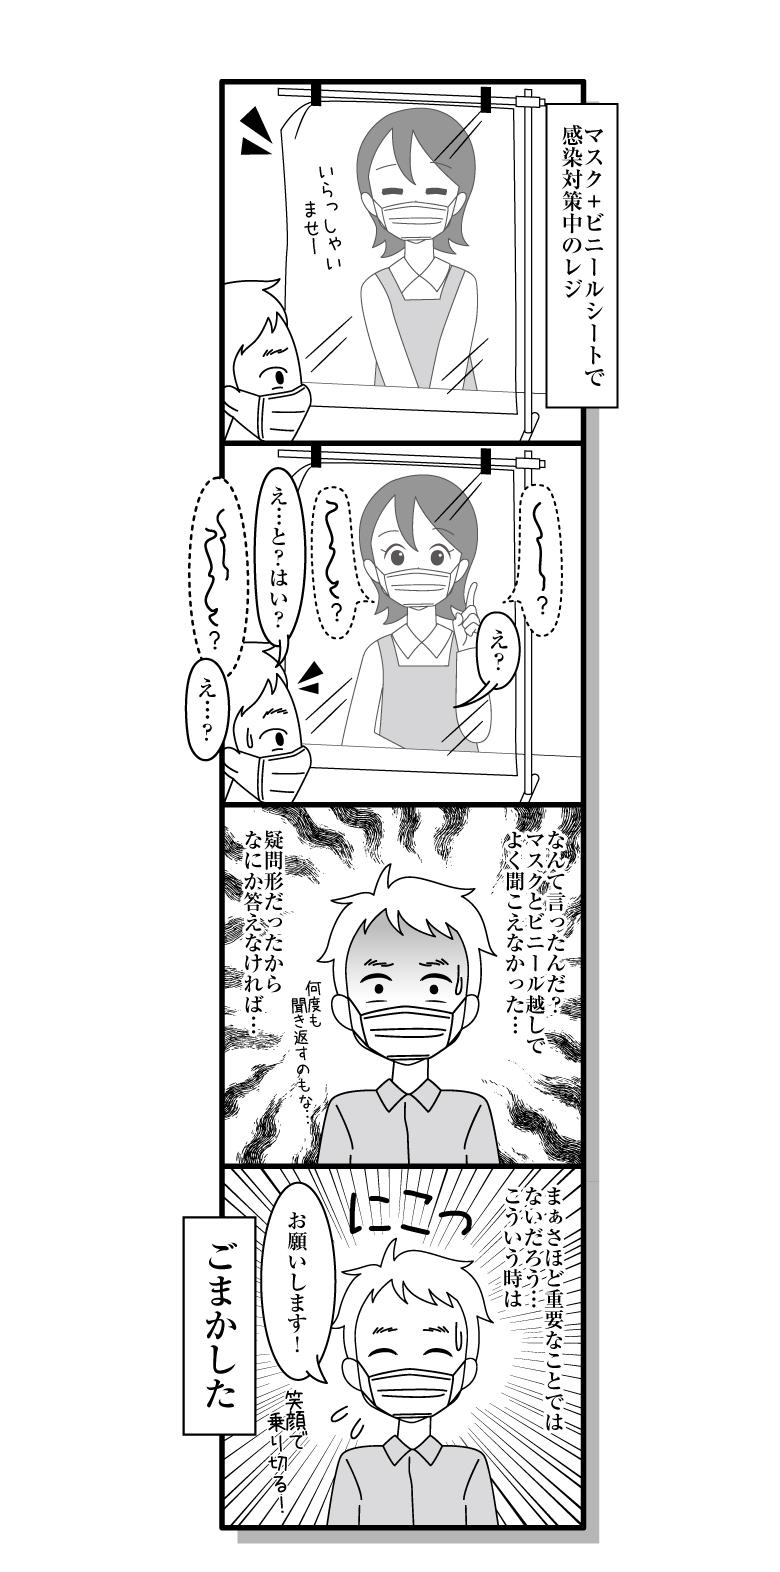 200606_manga